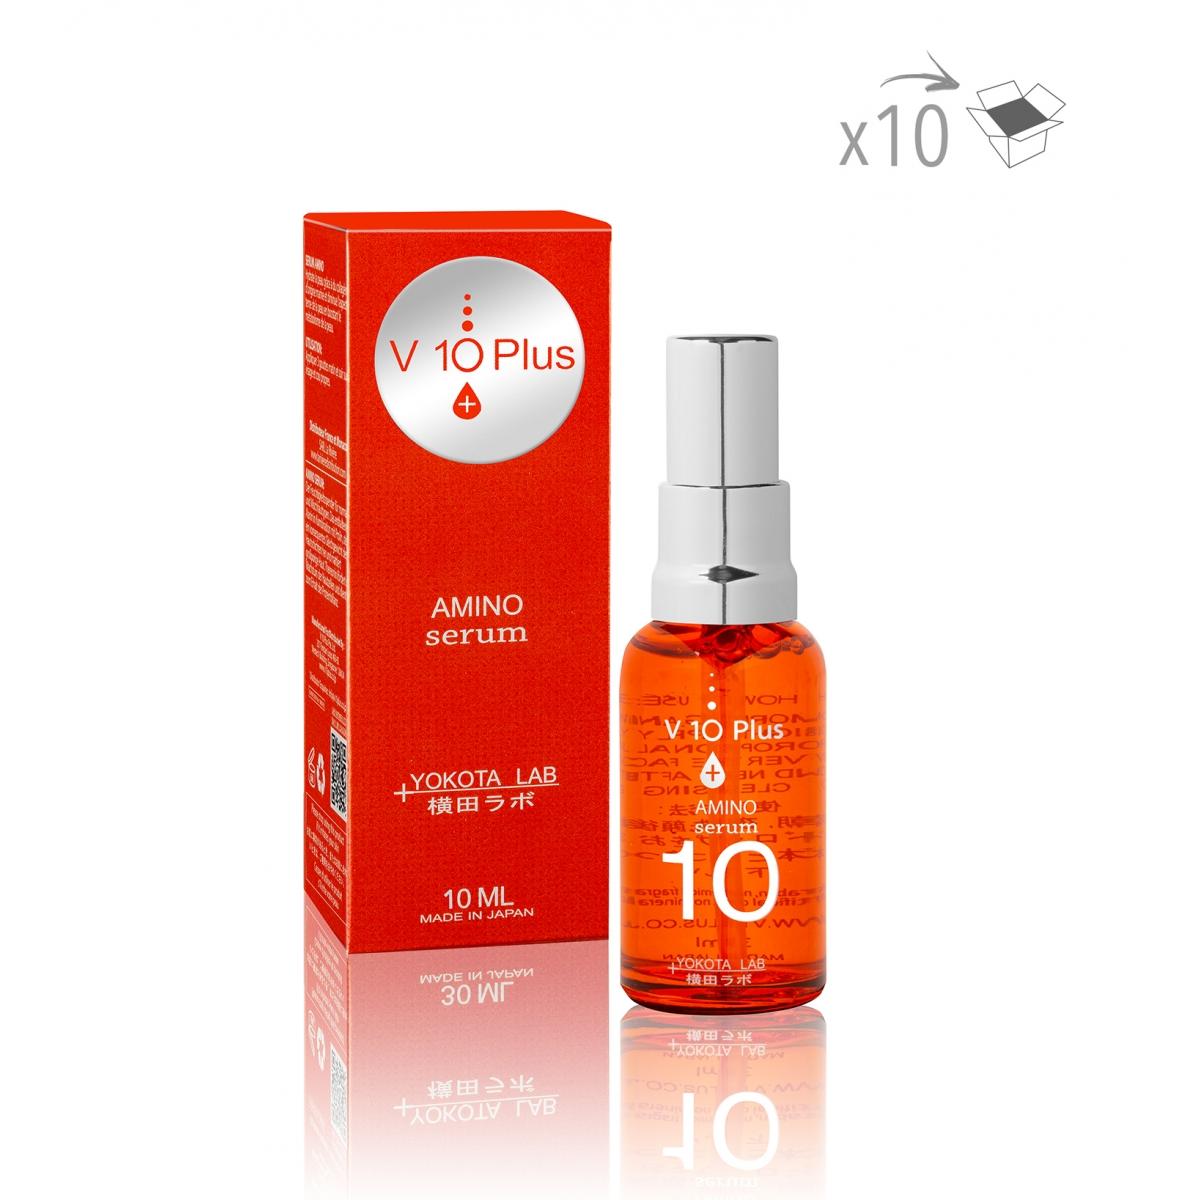 PRODUITS A LA REVENTE - AMINO SERUM V10+ (10 ml) (x10)